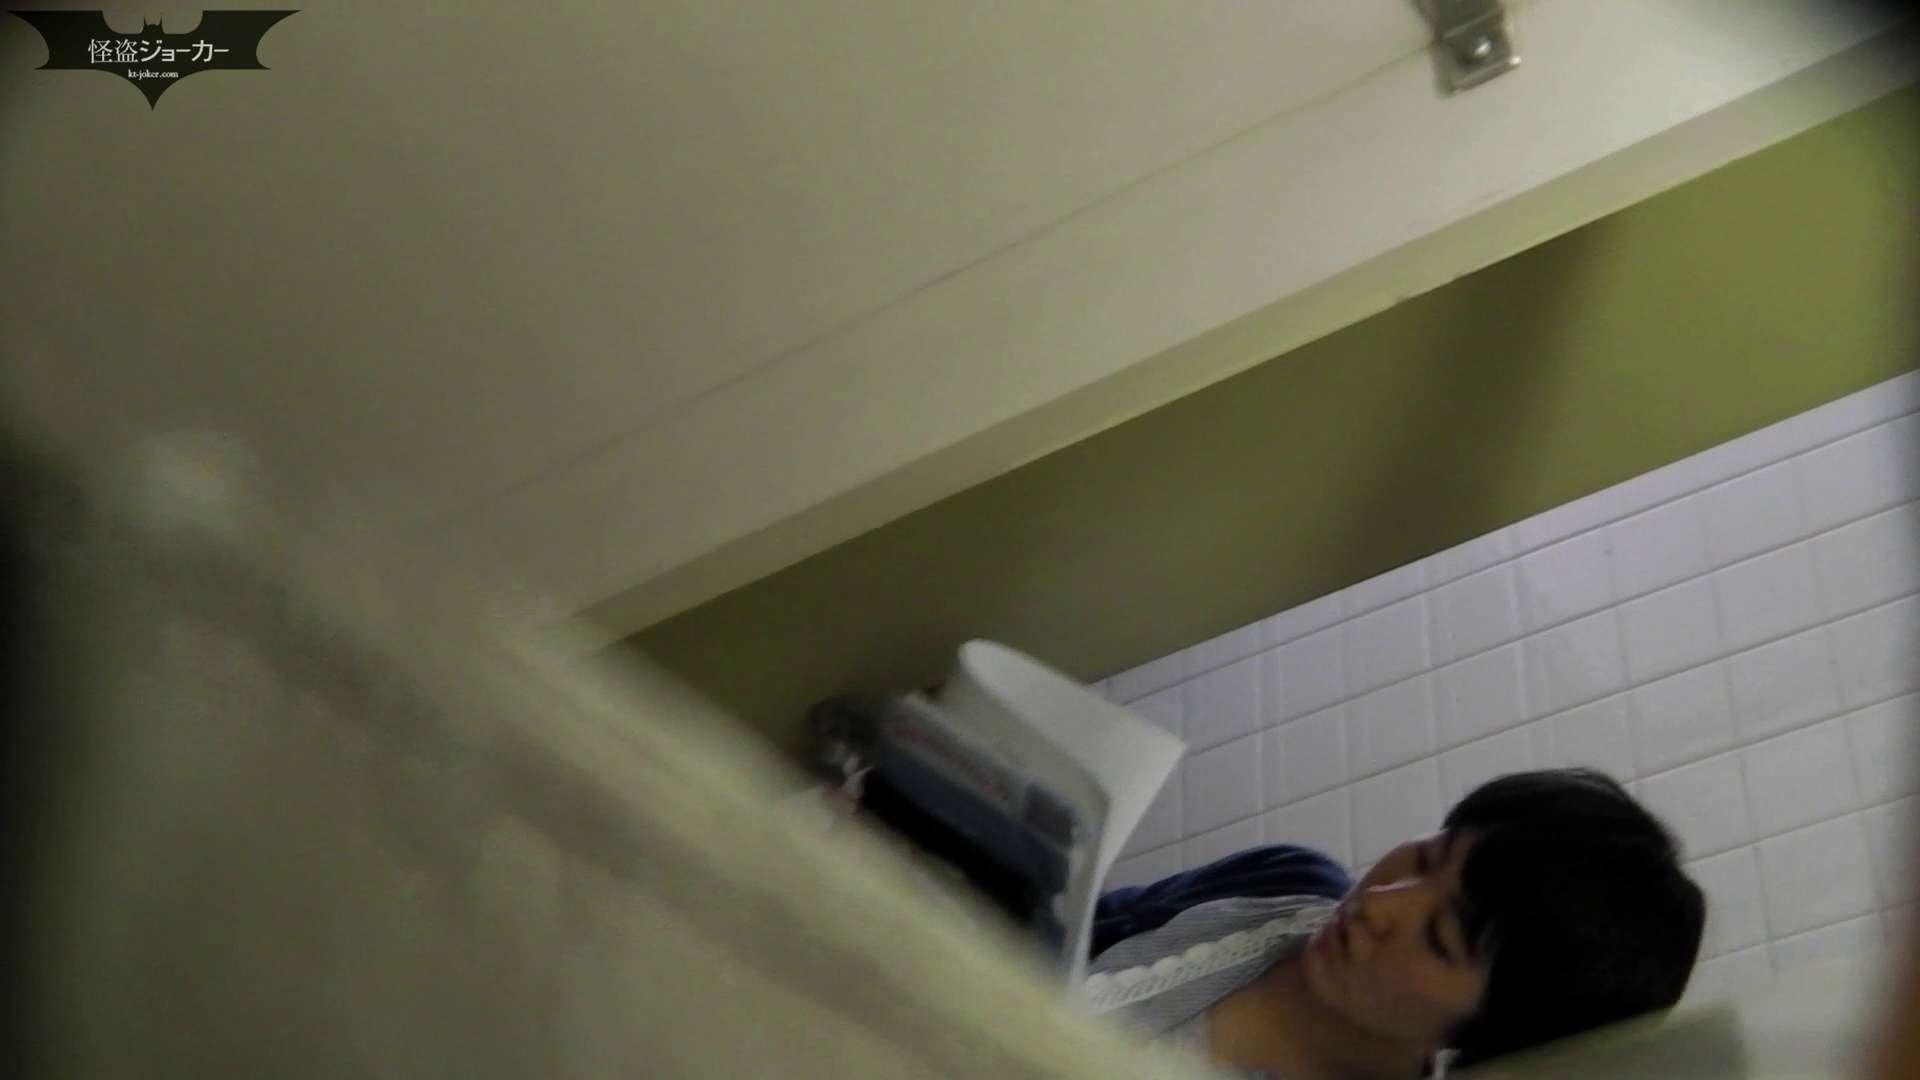 洗面所特攻隊 vol.047 モリモリ、ふきふきにスーパーズーム! ギャル攻め セックス画像 113画像 47